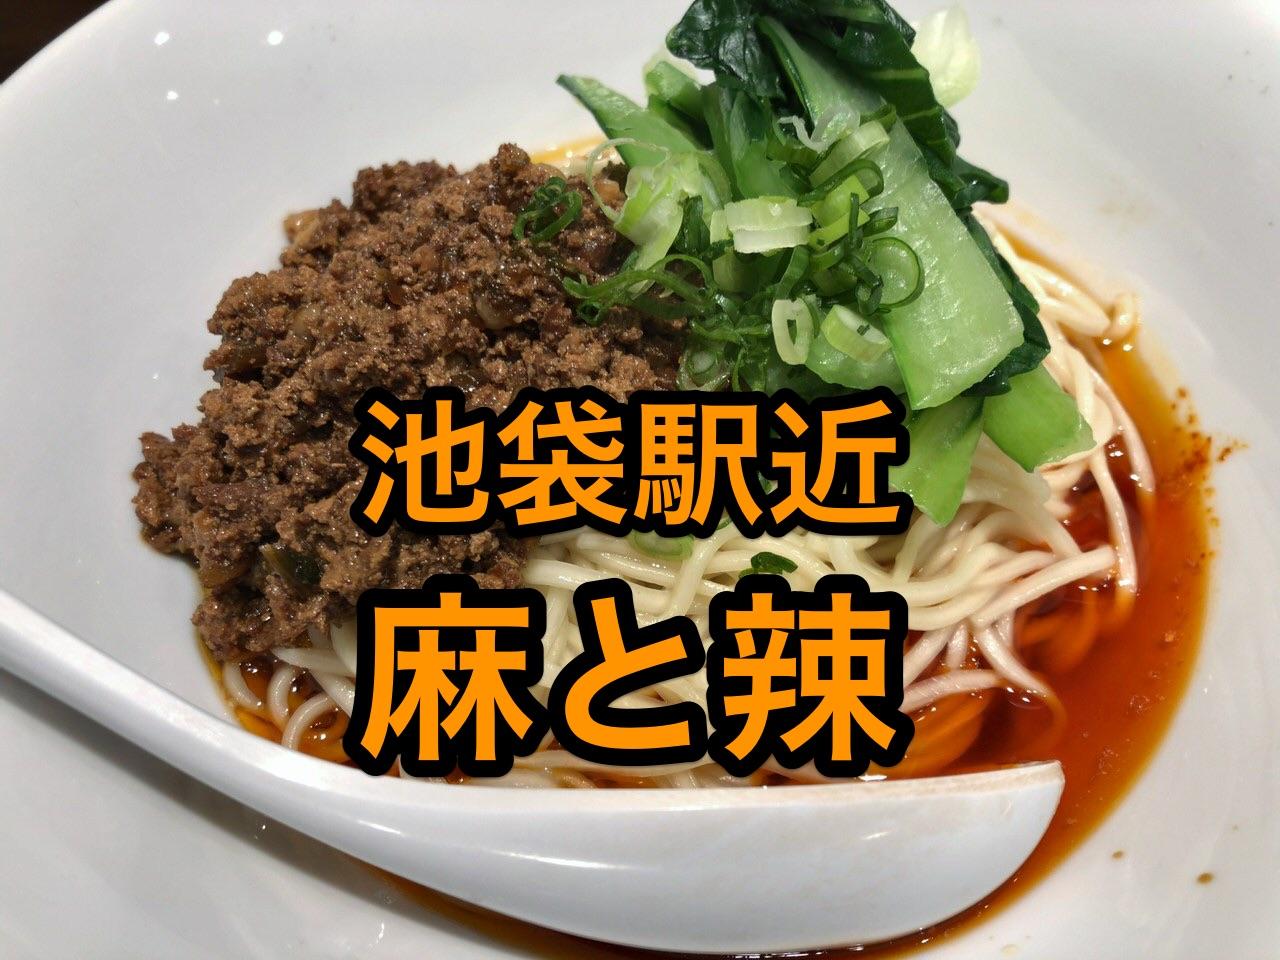 池袋「六坊担担面」の汁なし担々麺は、香辛料も麺も本格派!